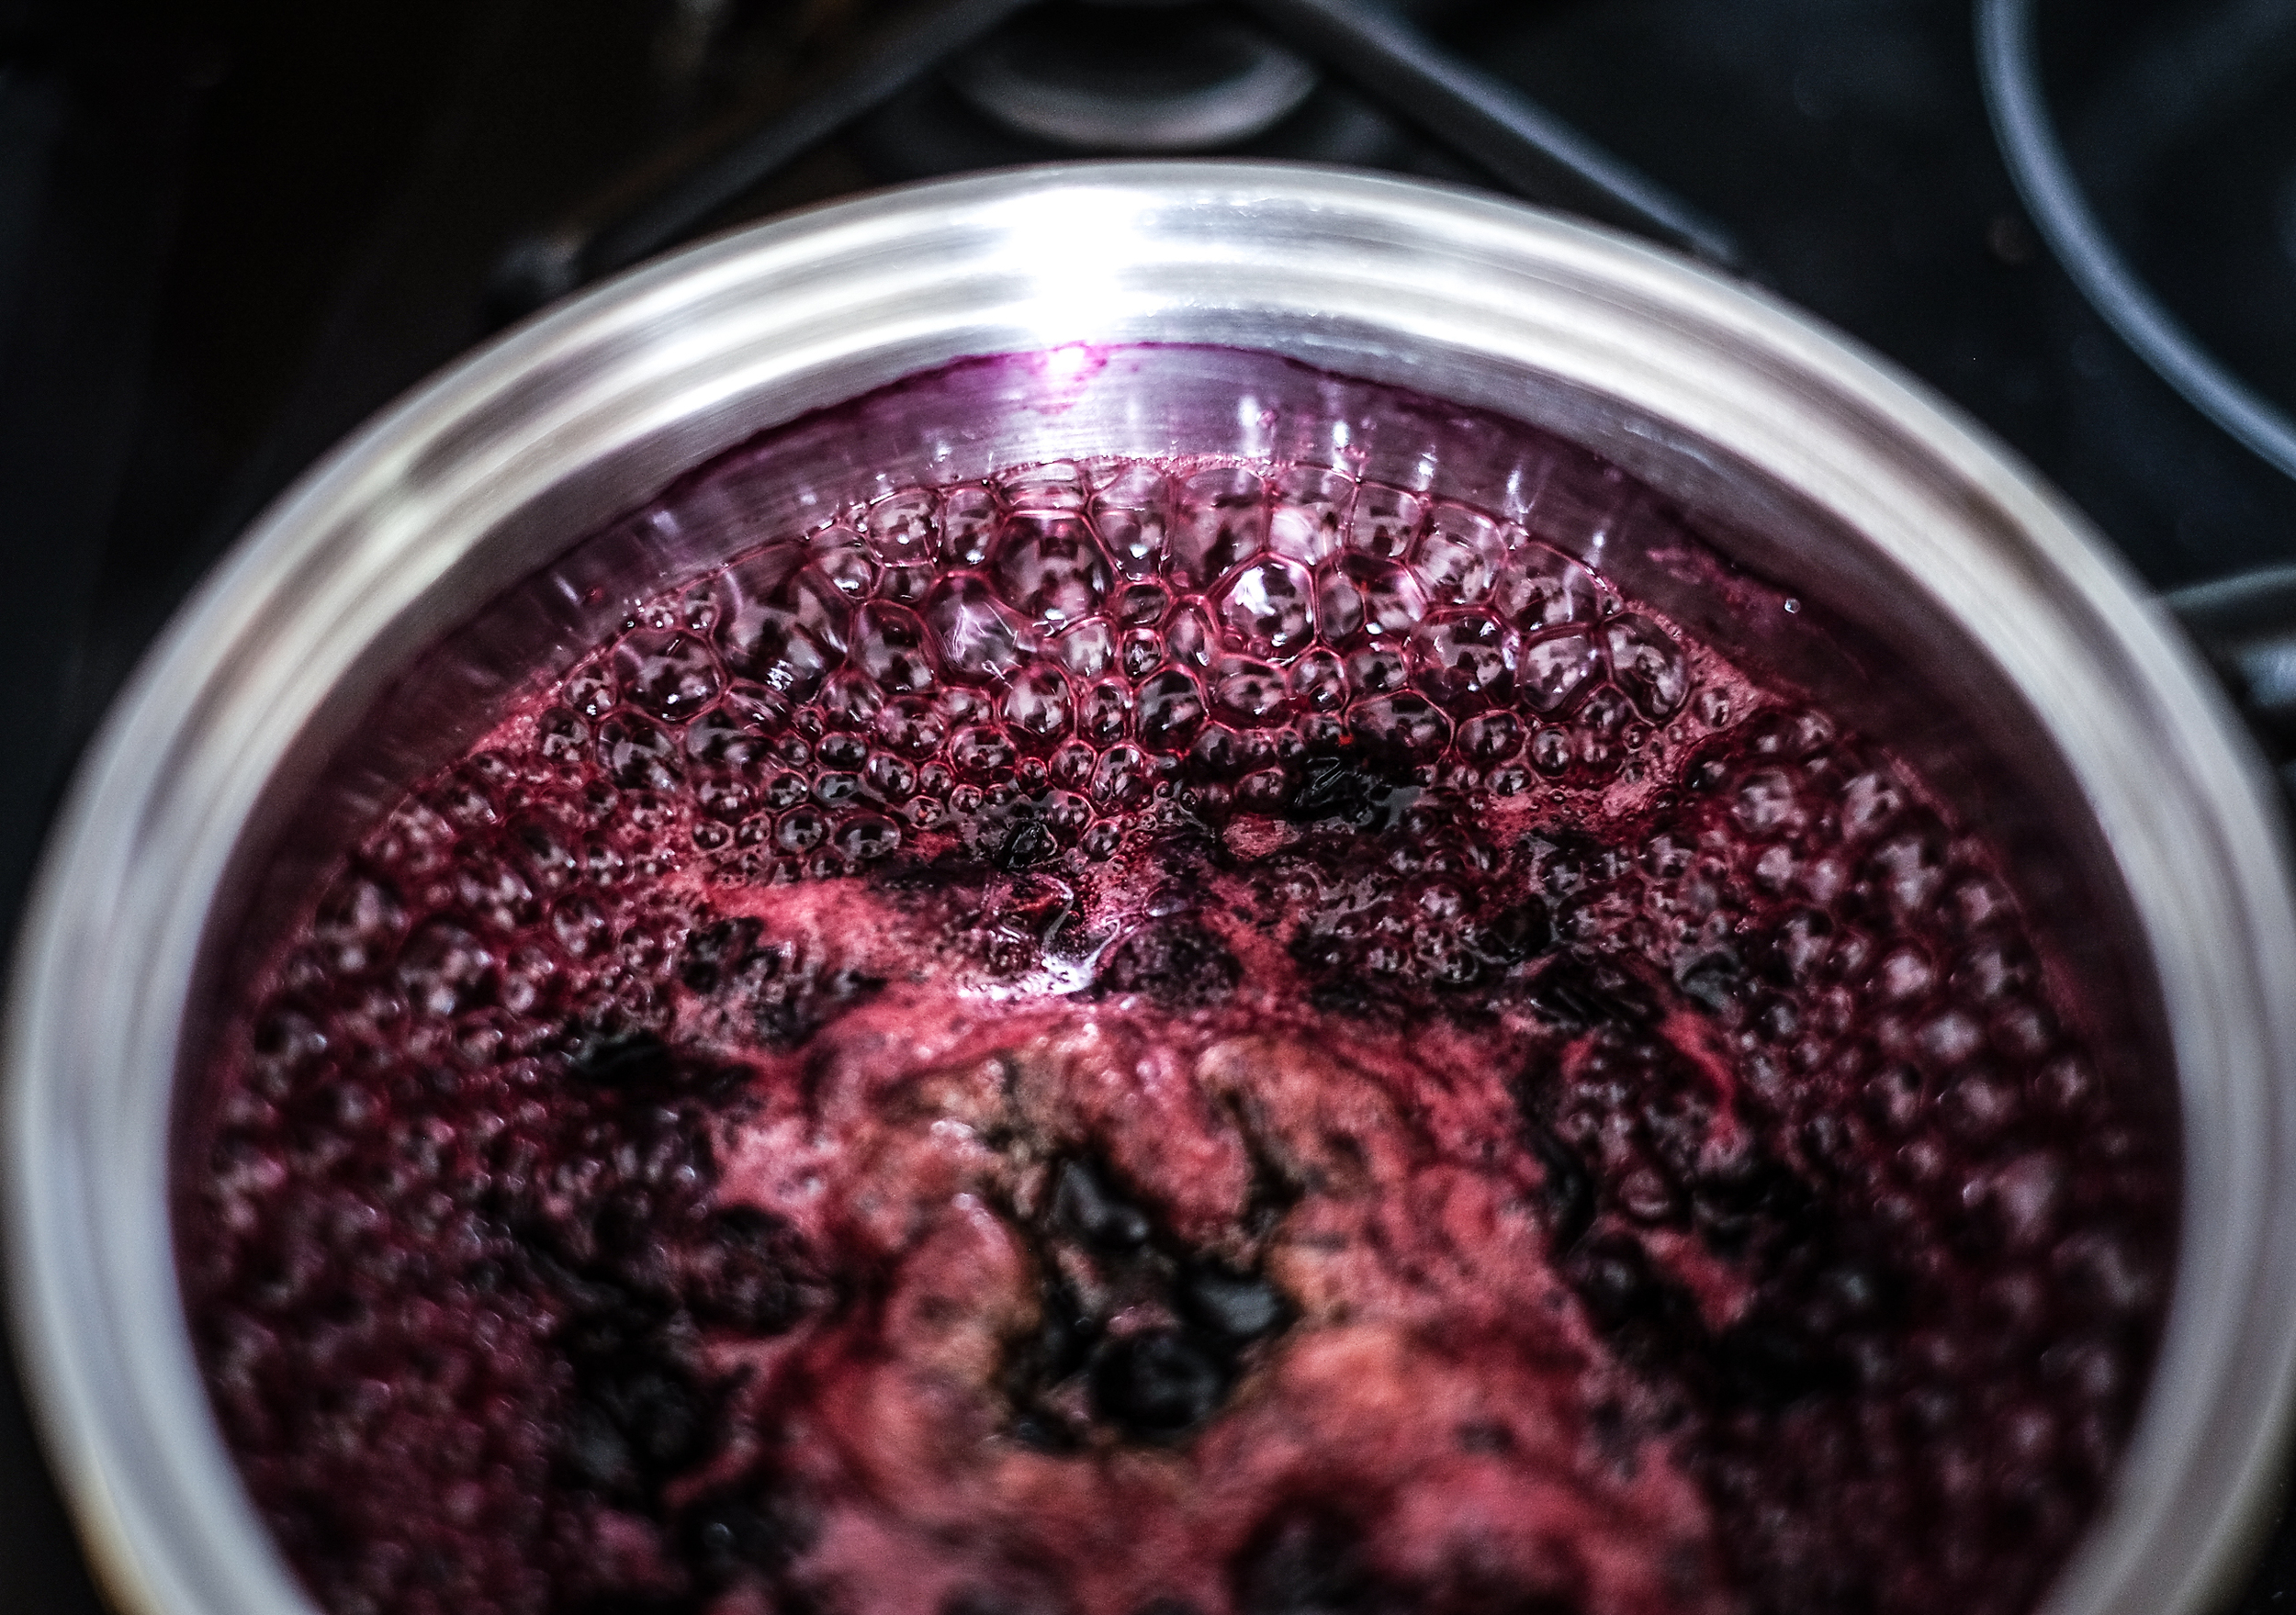 Zakuhavanje Rokovih borovnica stvara genijalan miris po kuhinji, kući